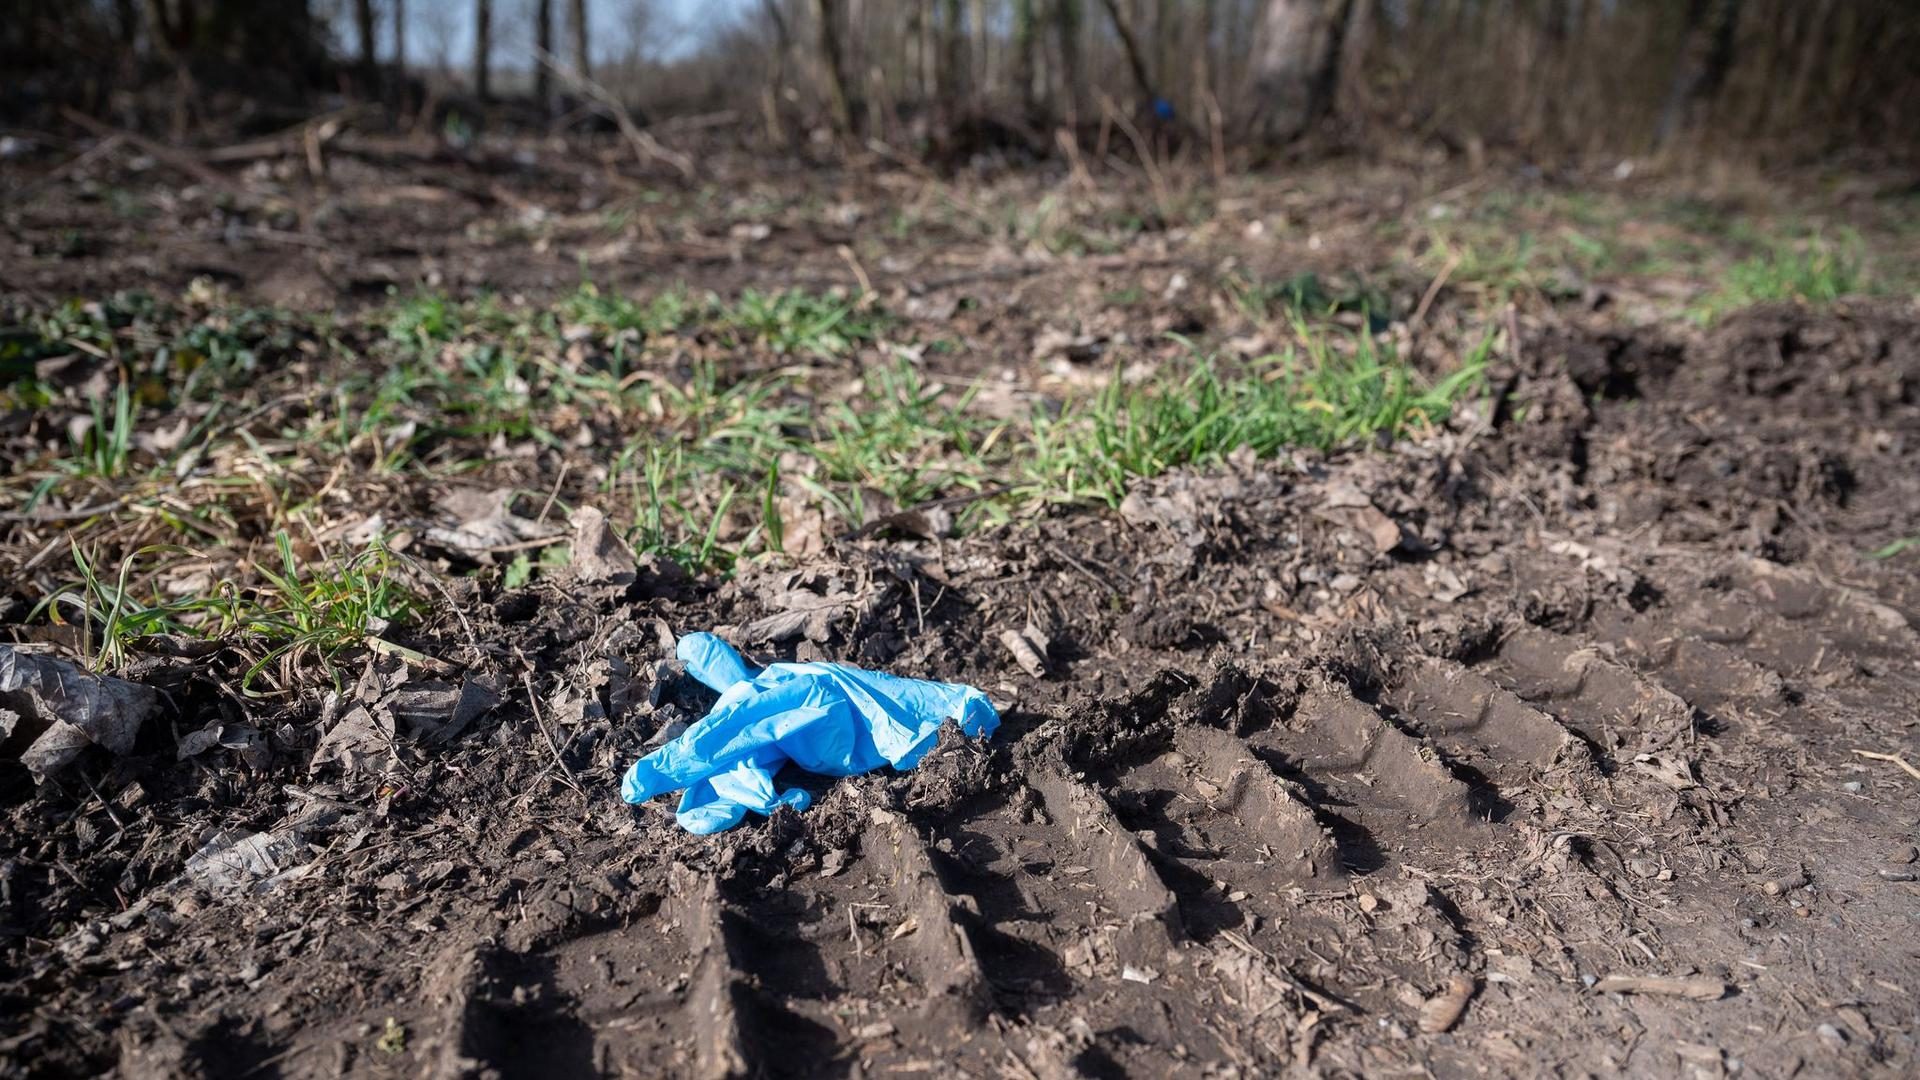 Tatort am Waldrand Eschelbachs: Hier wurde der 13-jährige Junge tot aufgefunden. Die Polizeikräfte trafen am mutmaßlichen Tatort auf einen 14-Jährigen und auf ein Mädchen.